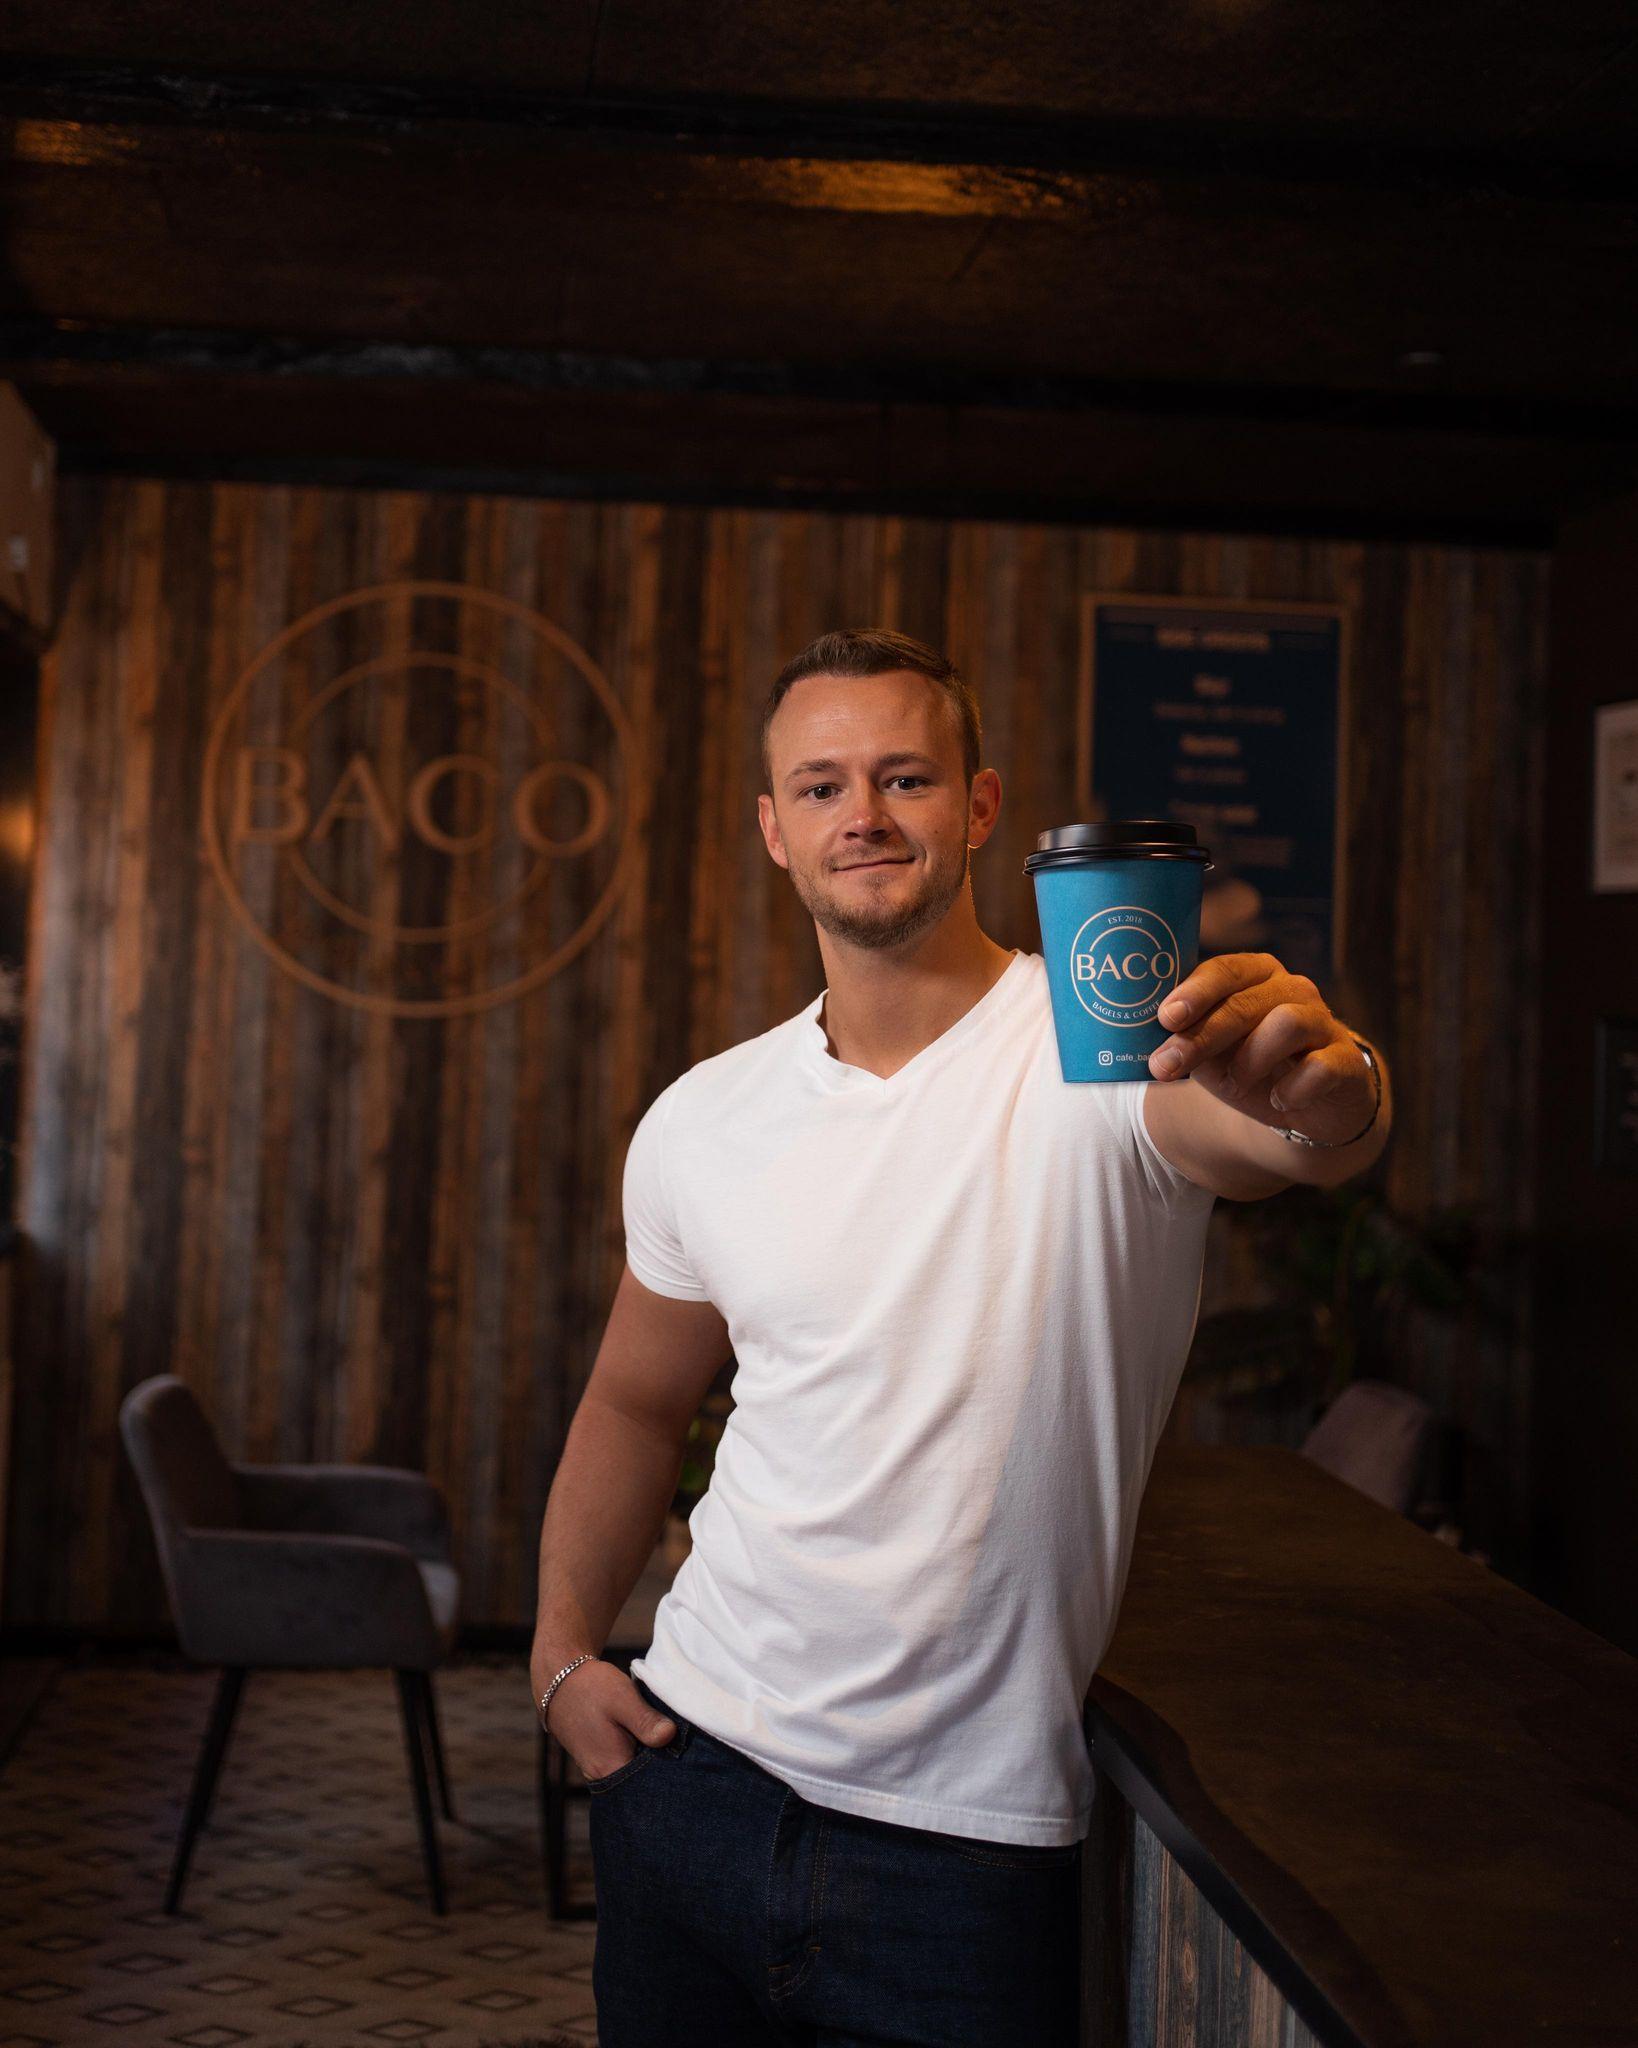 BACO udvider igen: Åbner kaffebar på Havnefronten